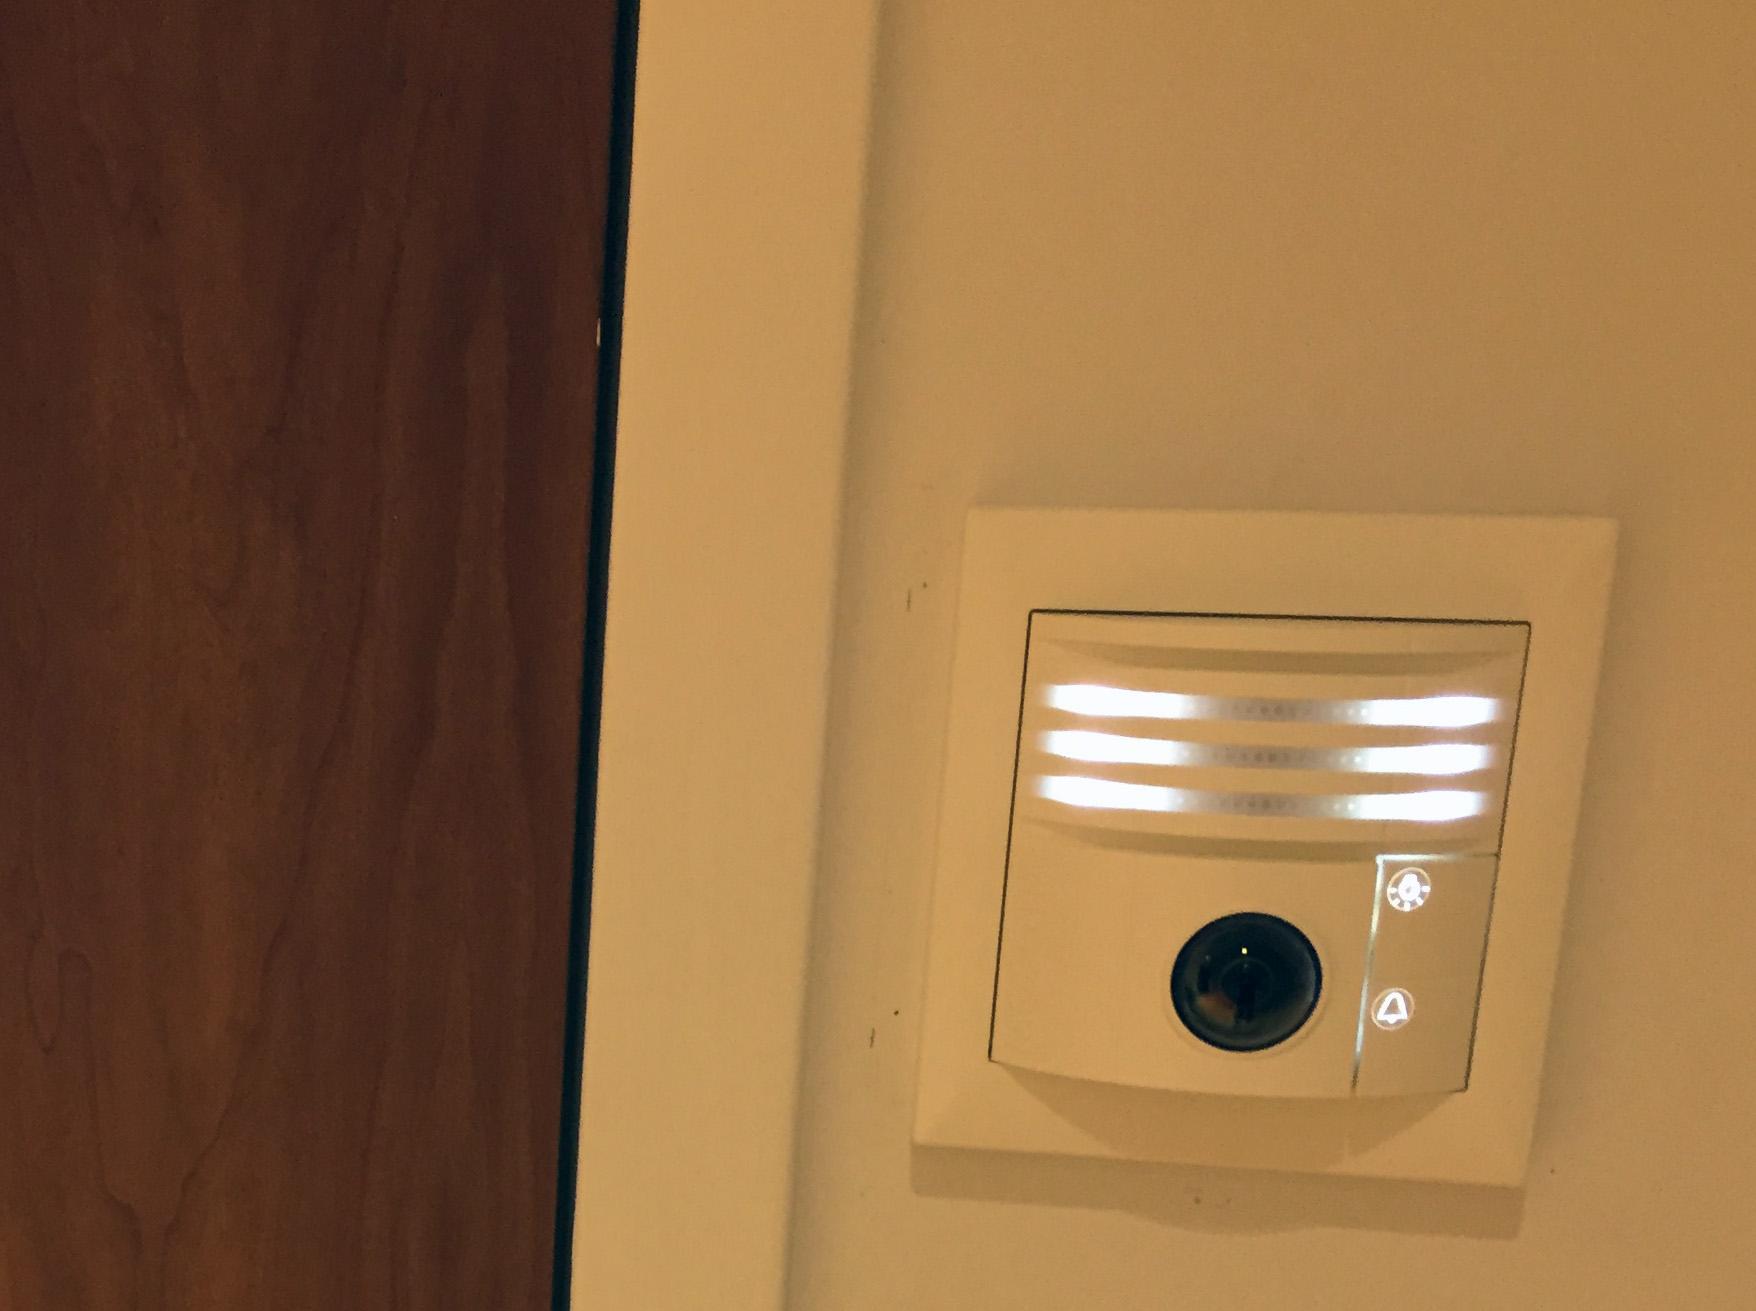 Mobotix T25 IP Video Door Station